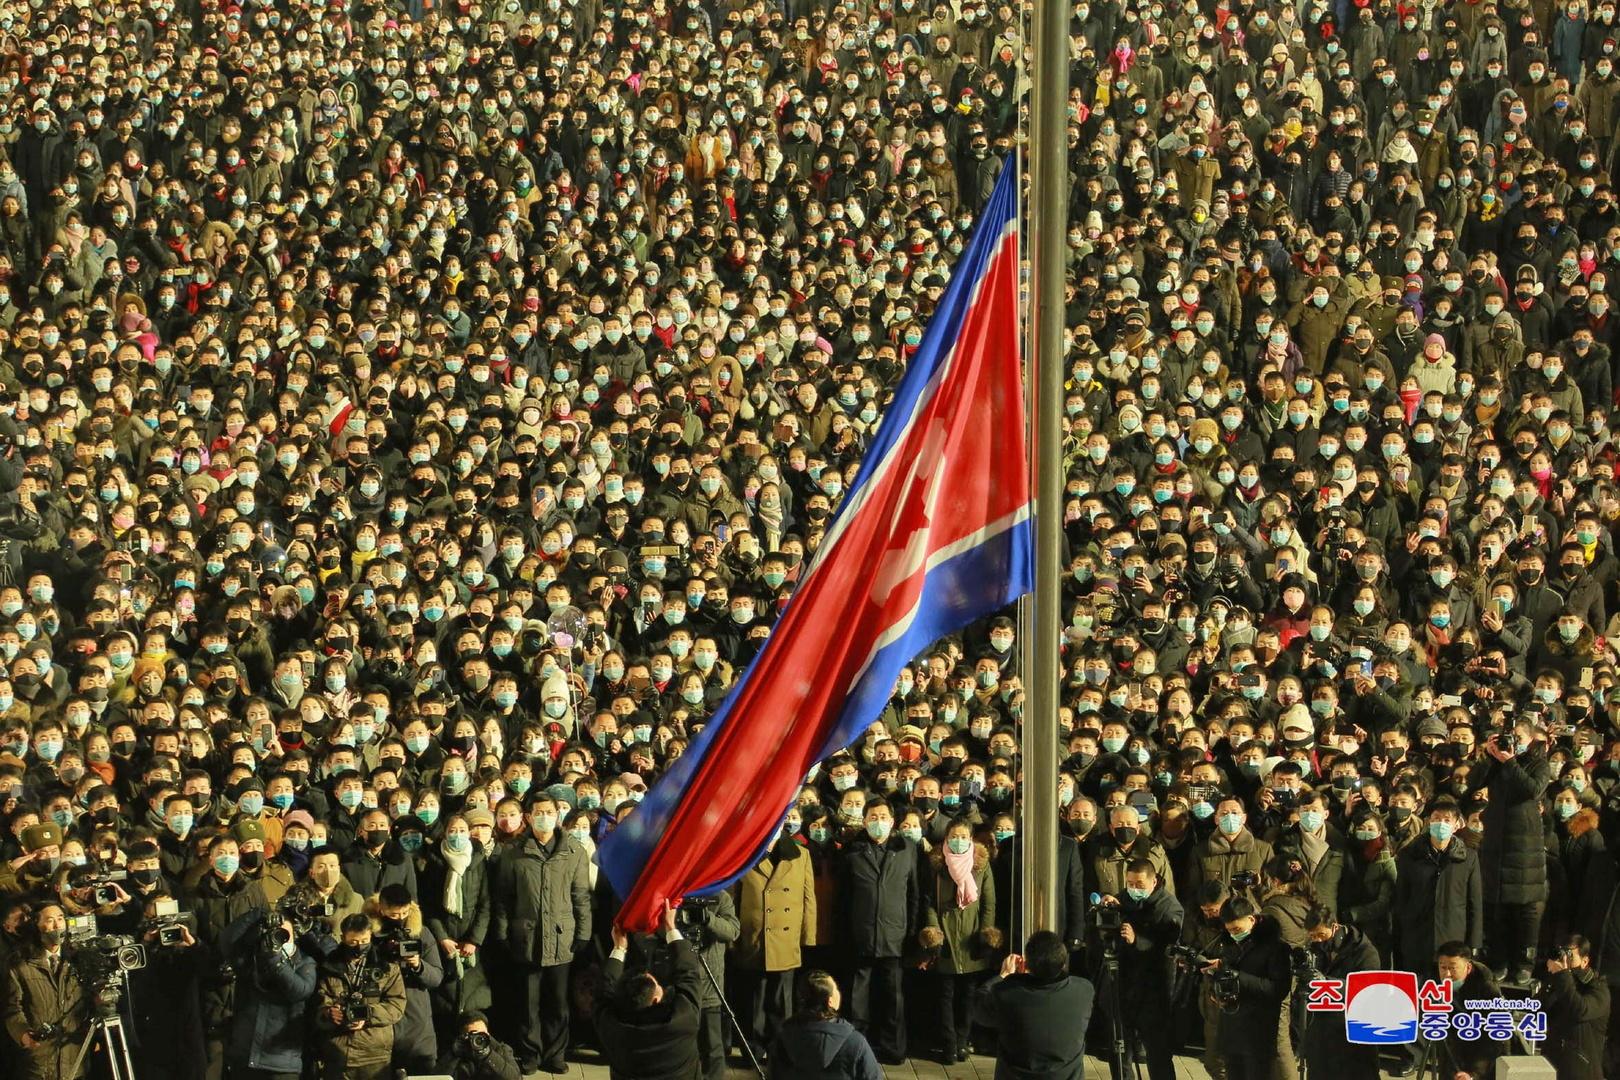 الأمواج خانته.. ضبط مواطن كوري جنوبي قبل عبوره الحدود البحرية إلى كوريا الشمالية